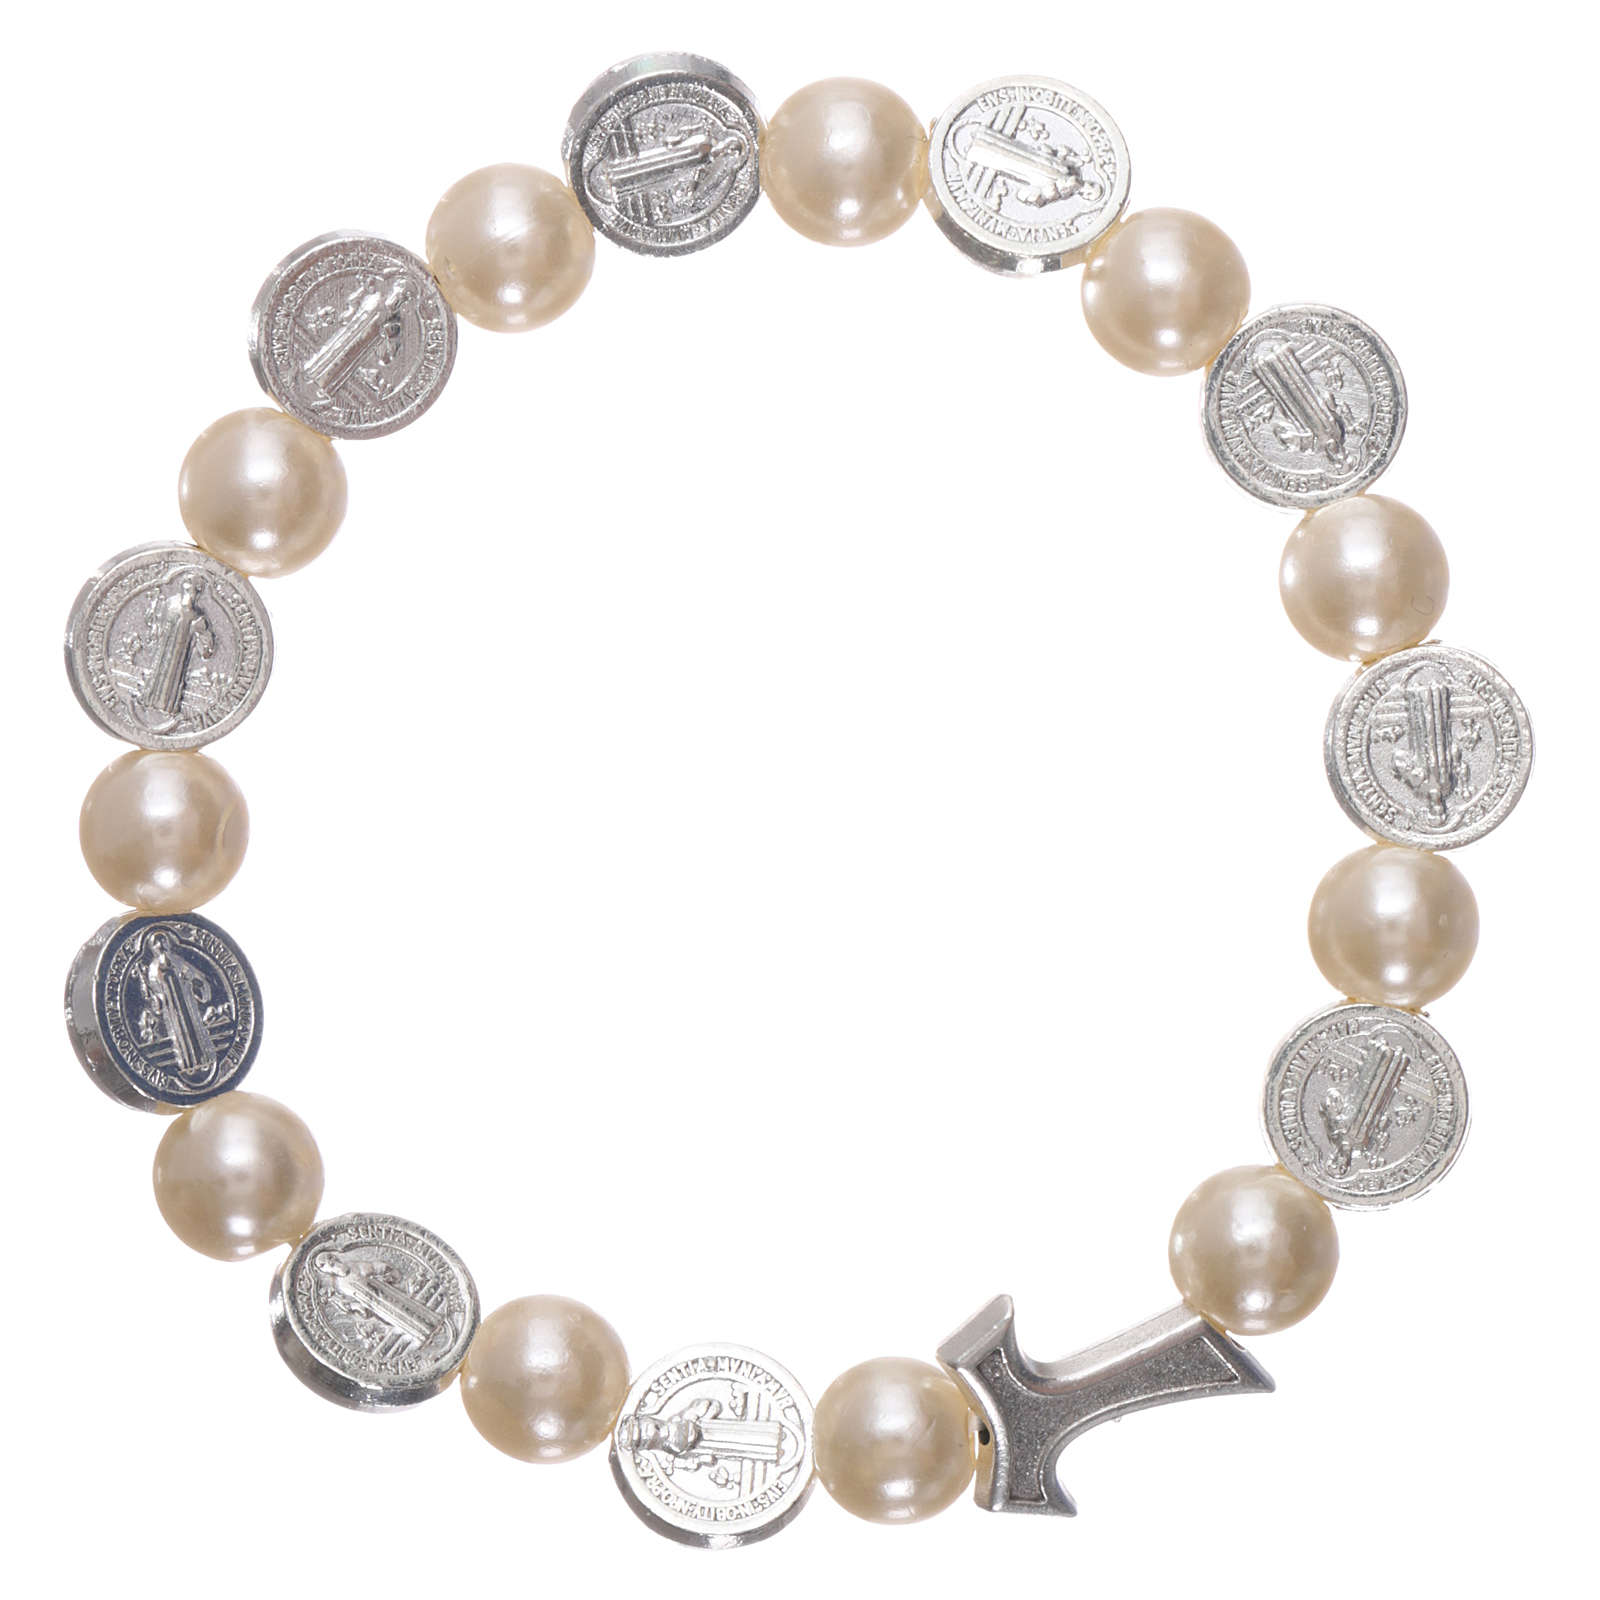 Elastischer Zehner Armband Medaille Hl. Benedikt und weissen Perlen 4